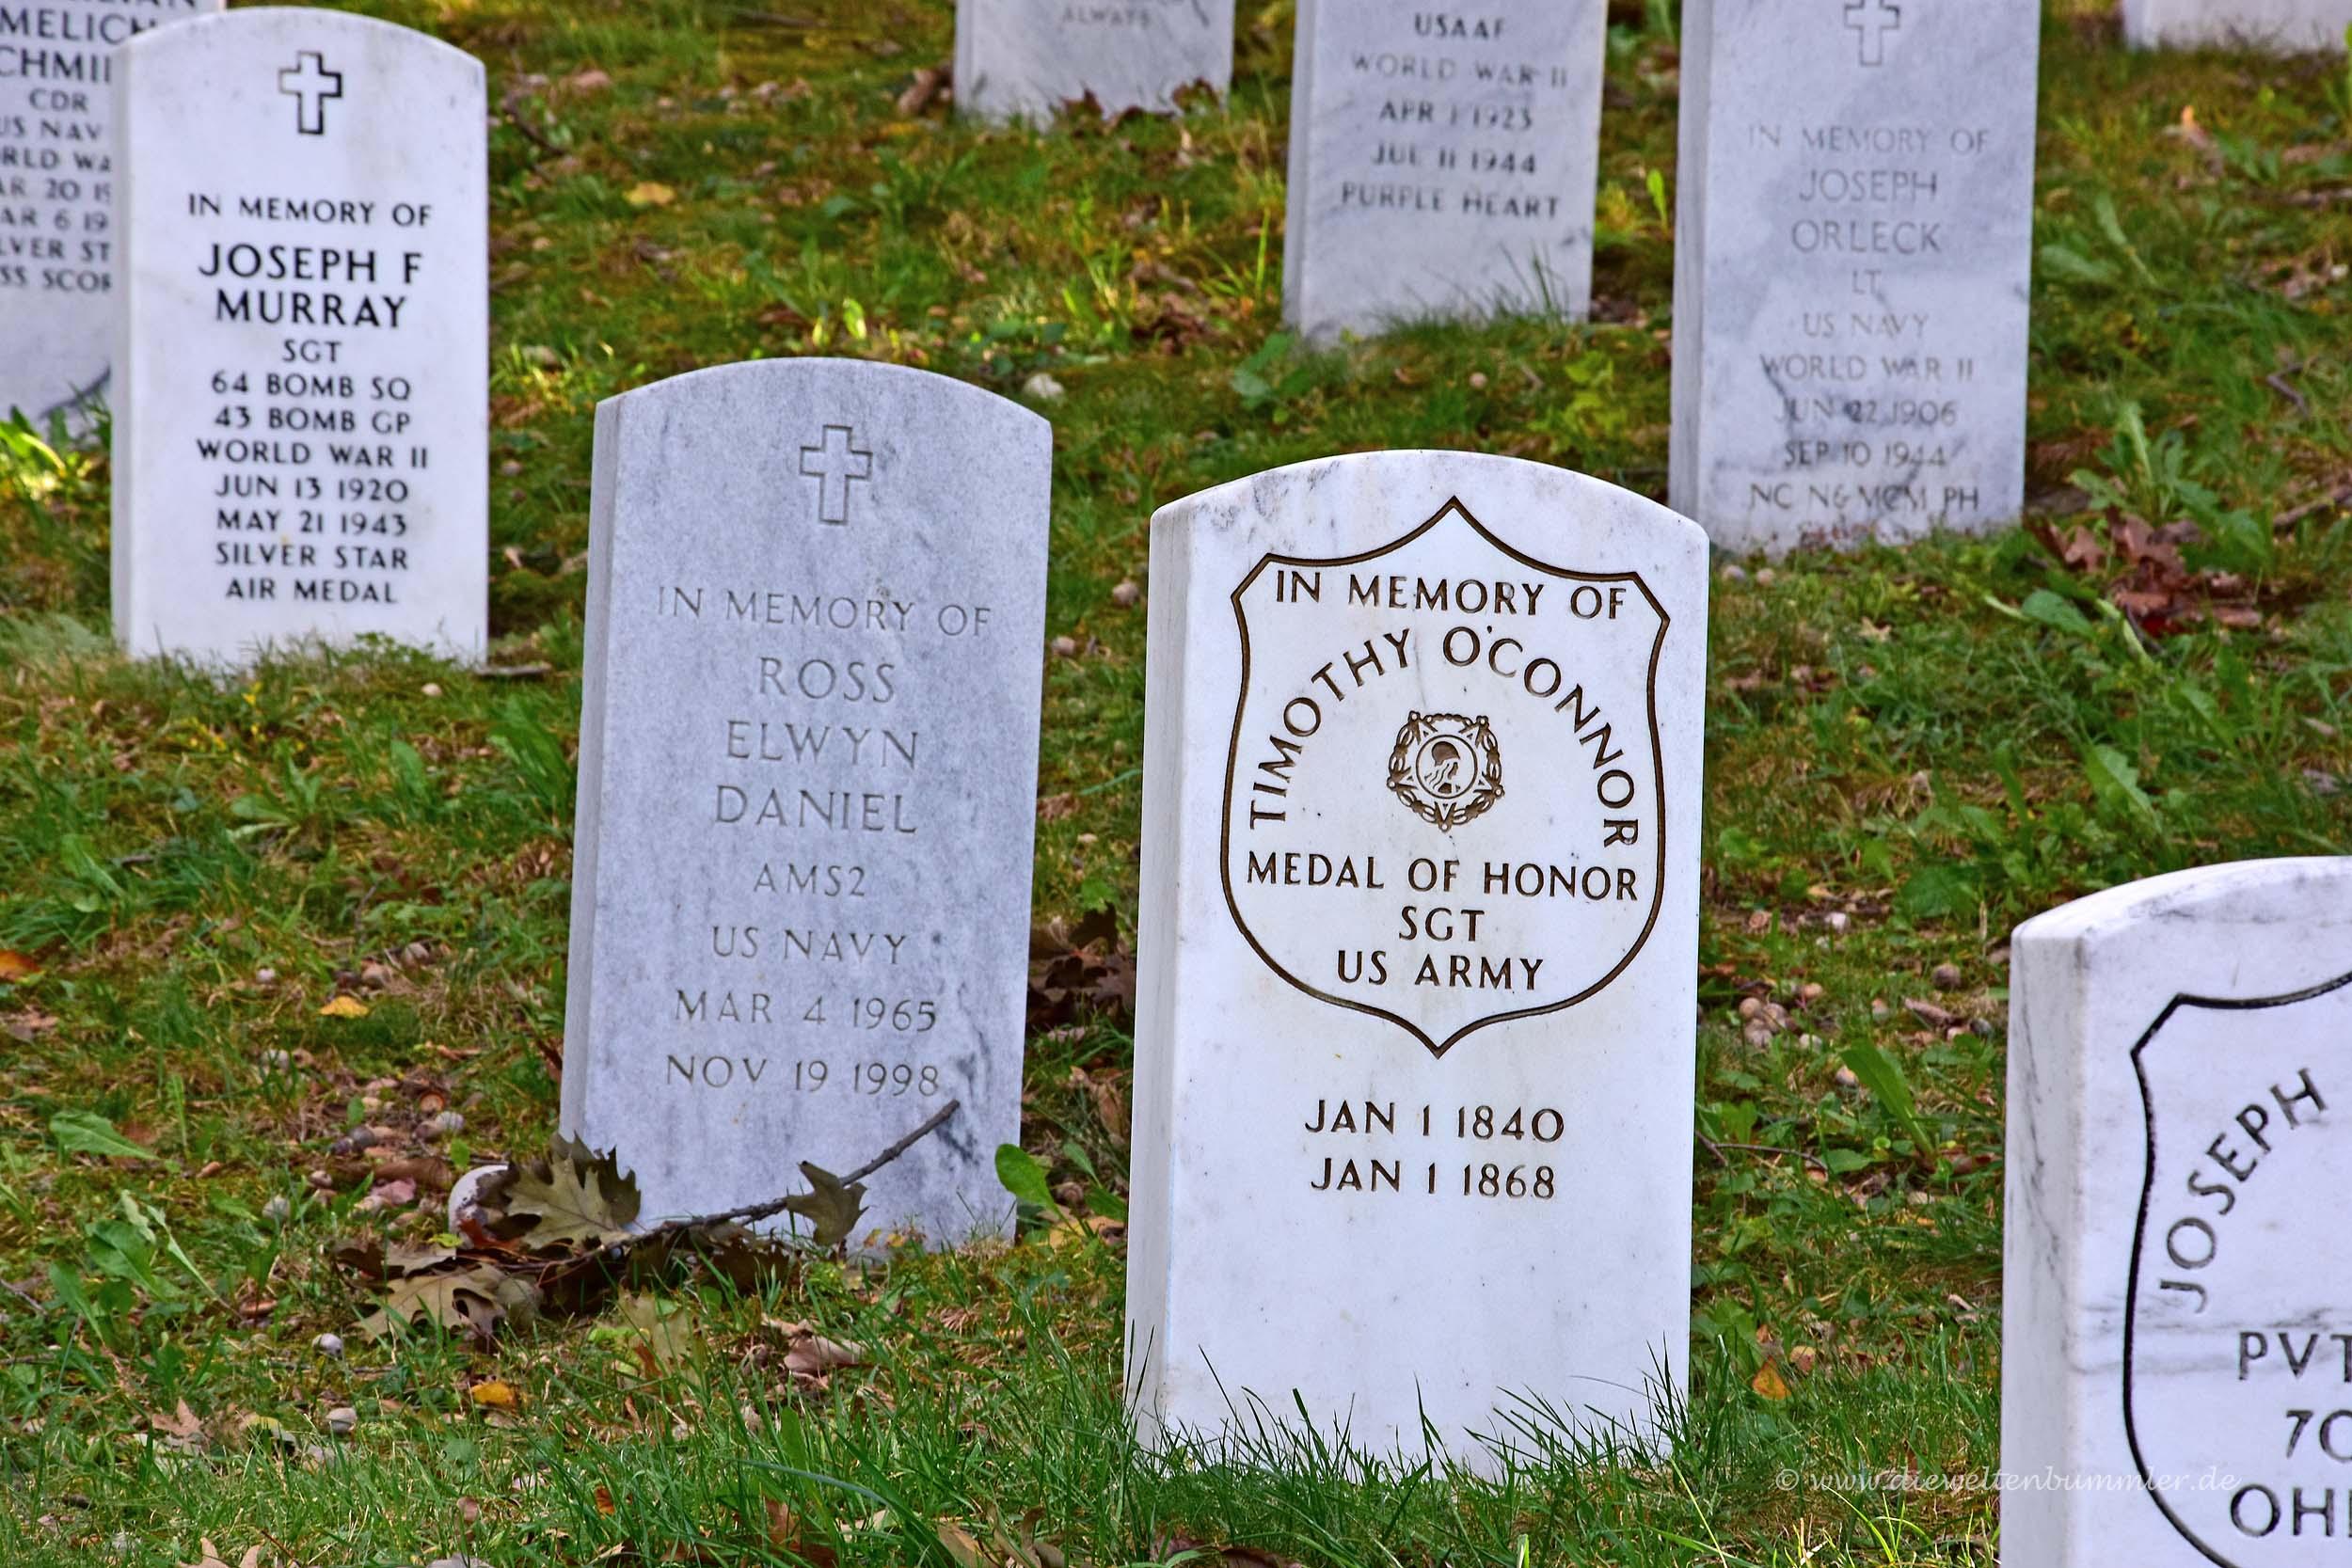 Soldat mit Medal of Honor